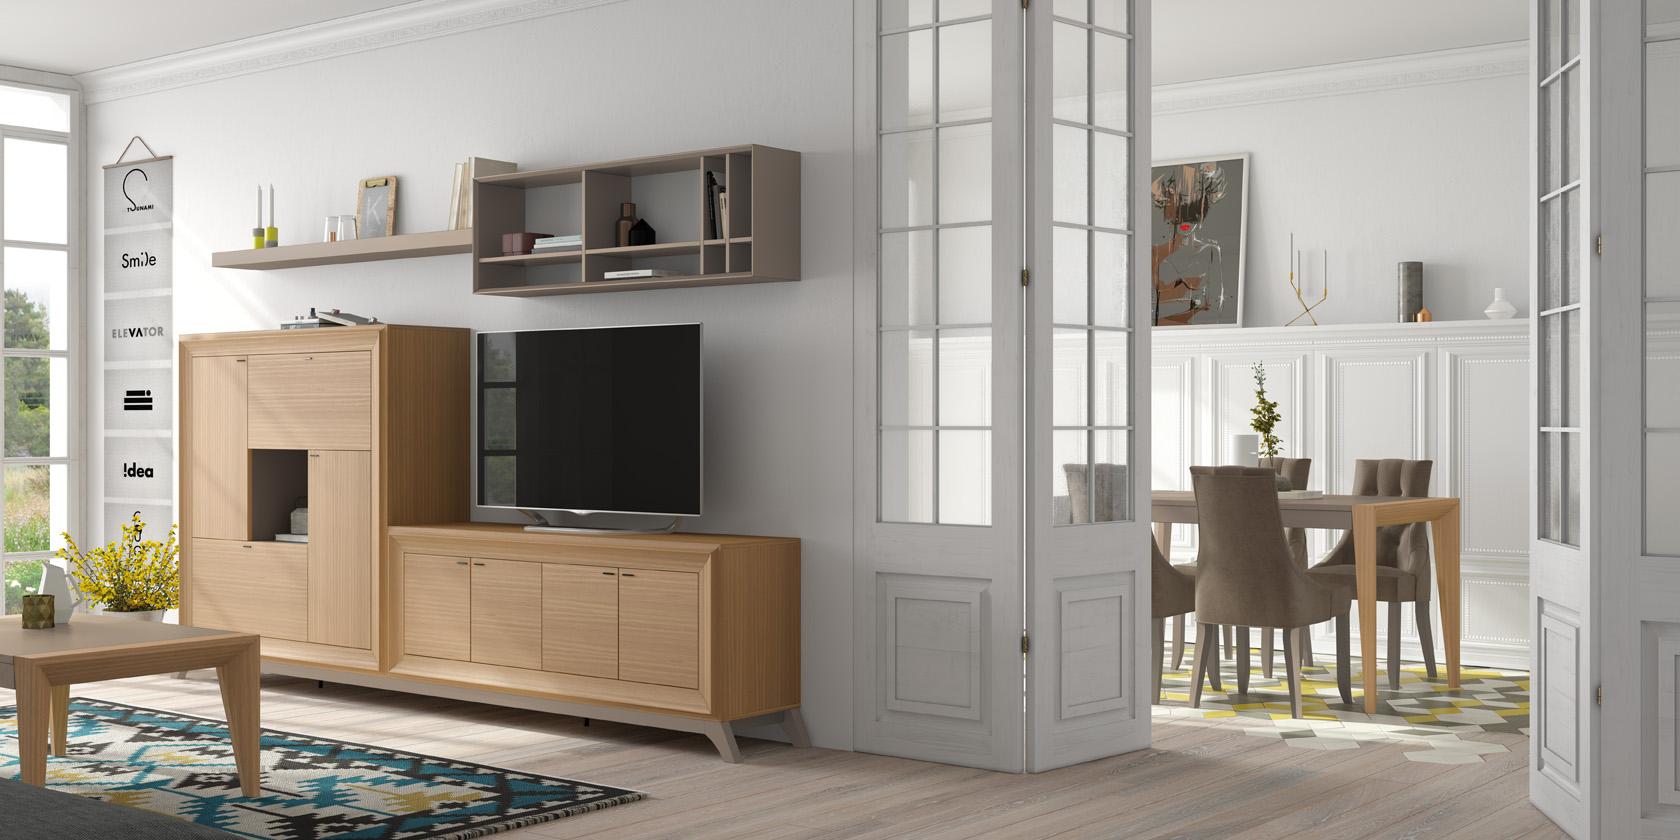 salon-contemporaneo-L-GANT-muebles-paco-caballero-724-5cc6bd81a2f7f